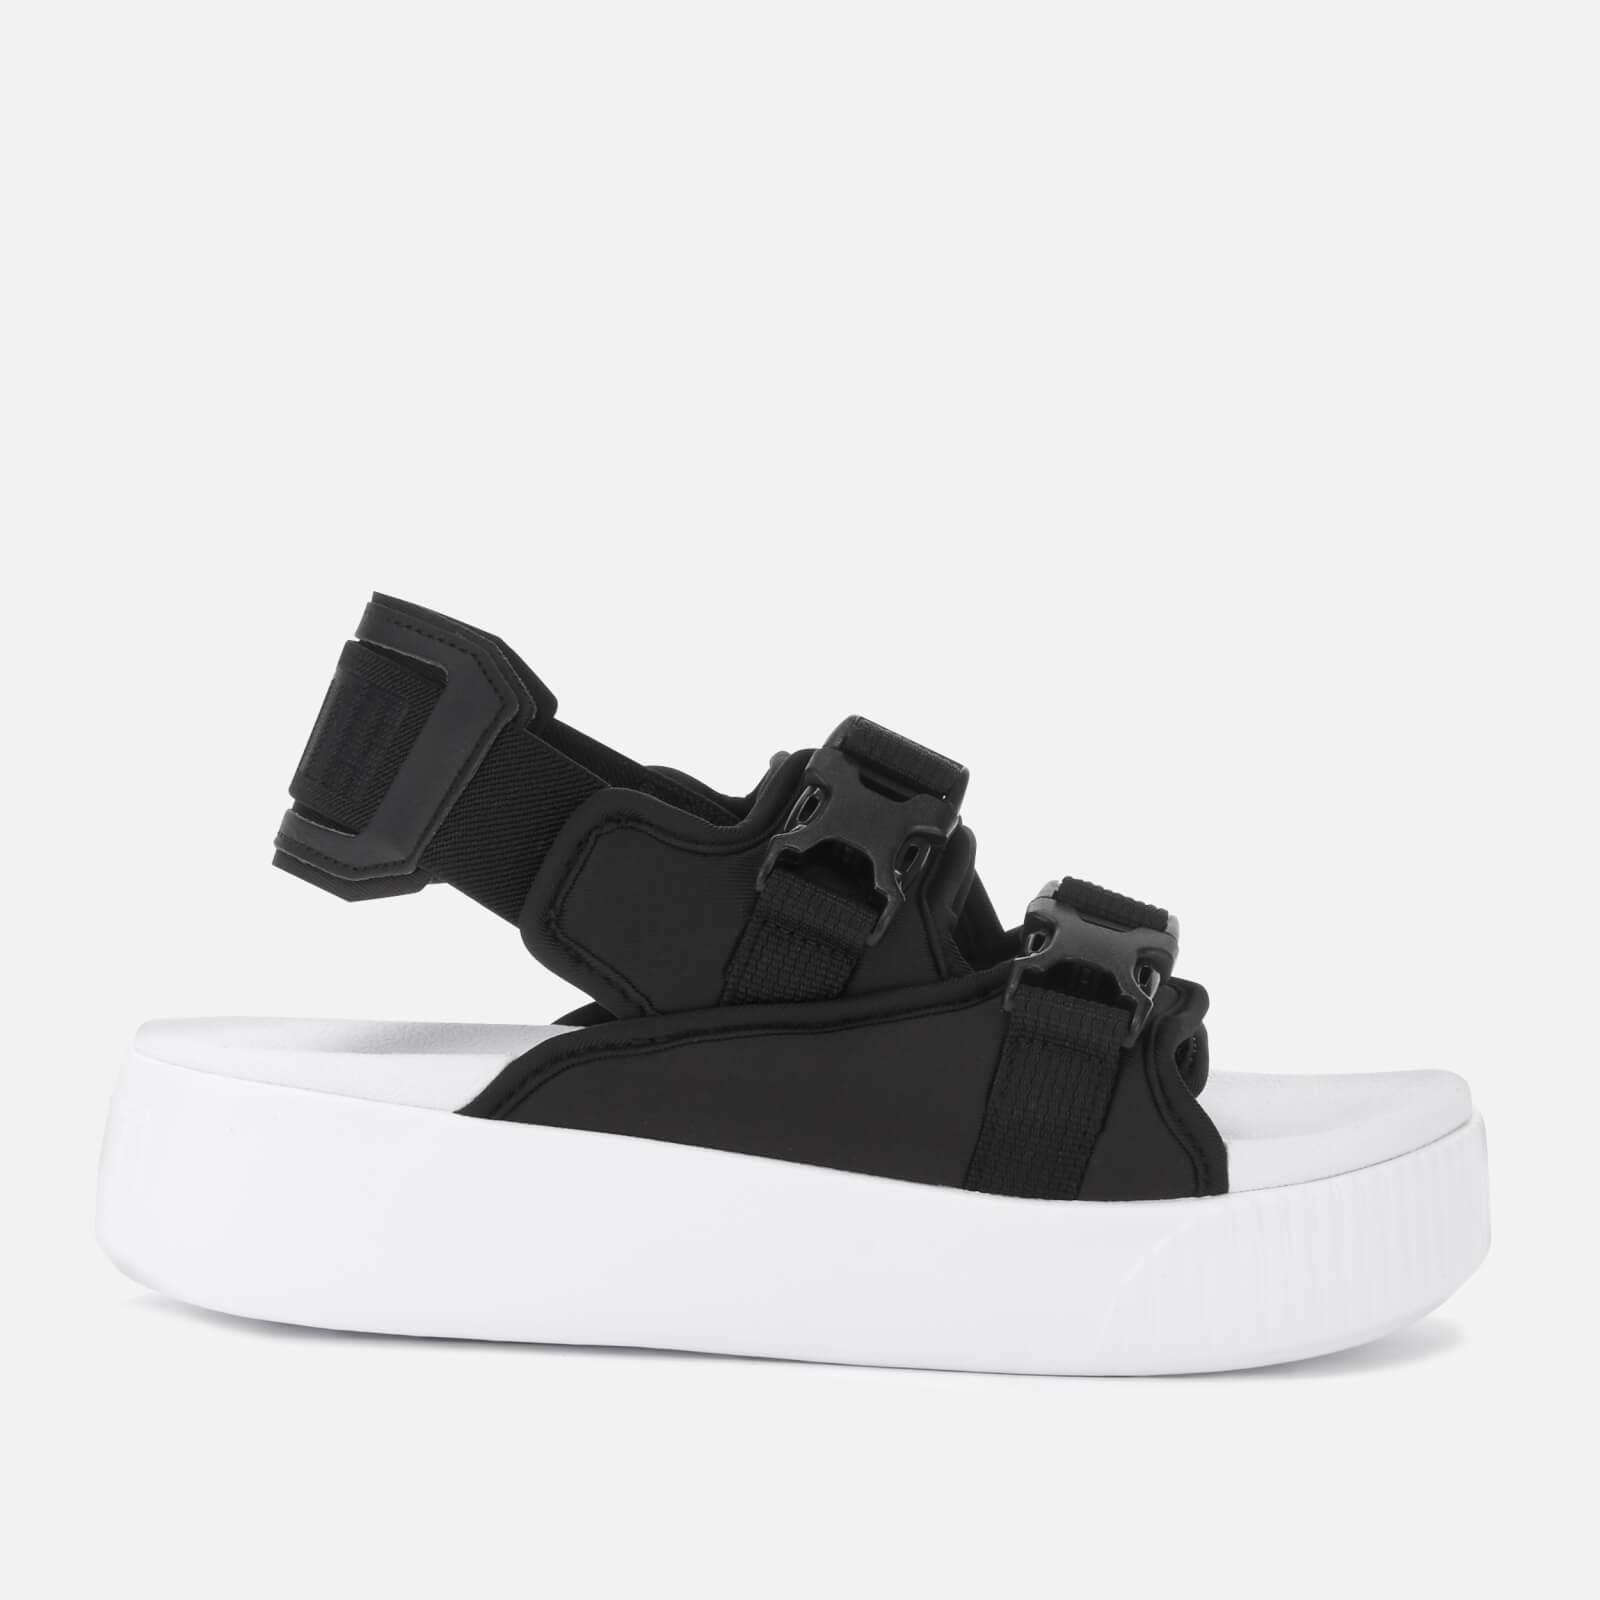 puma chunky sandals - 65% OFF - ser.com.bo